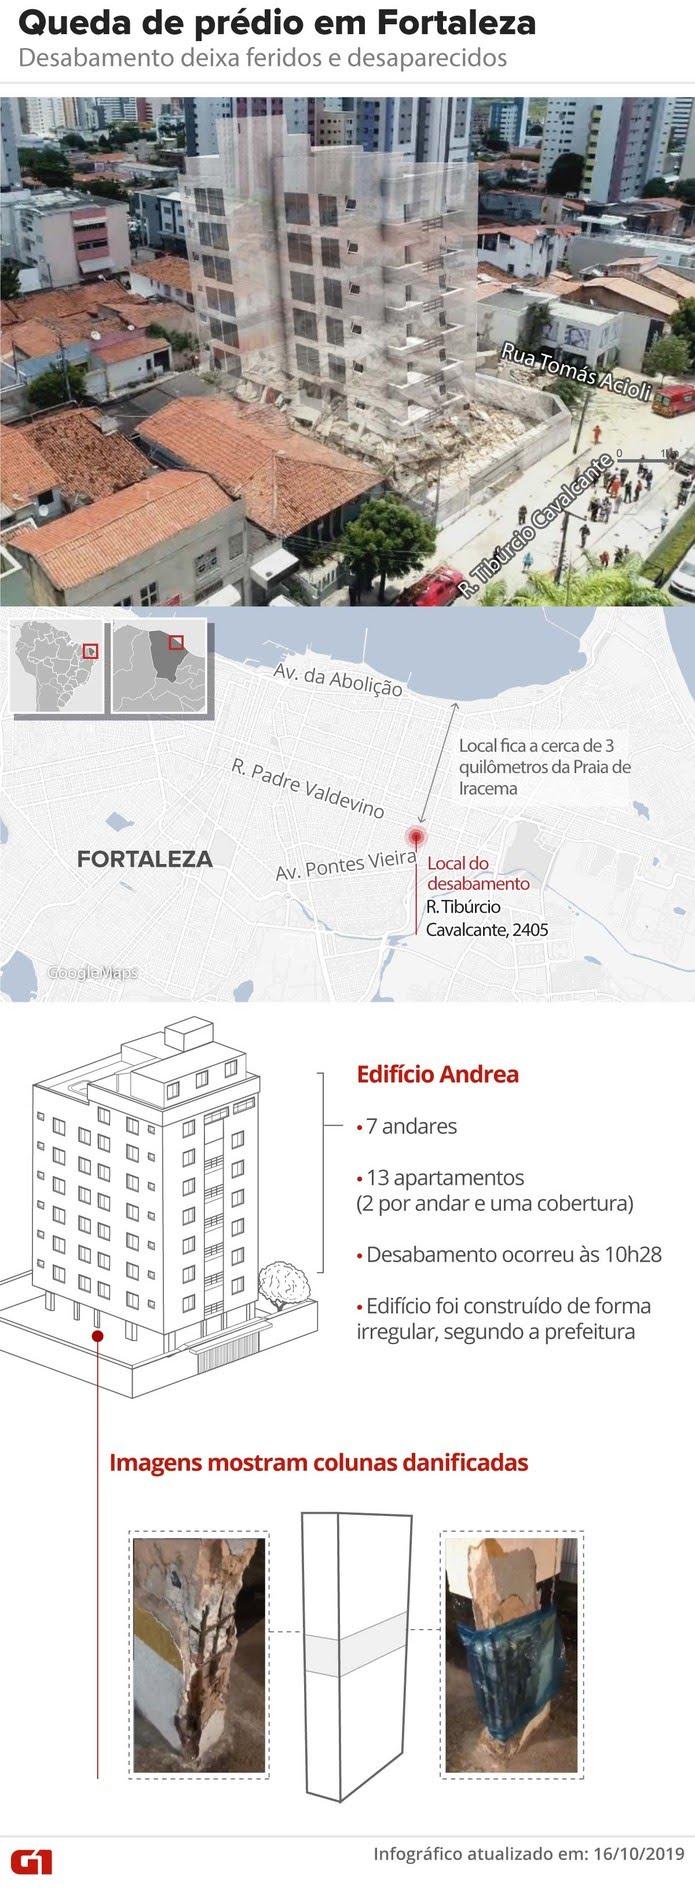 Mapa mostra localização do Edifício Andrea, que desabou nesta terça-feira em Fortaleza — Foto: Juliane Souza/ G1